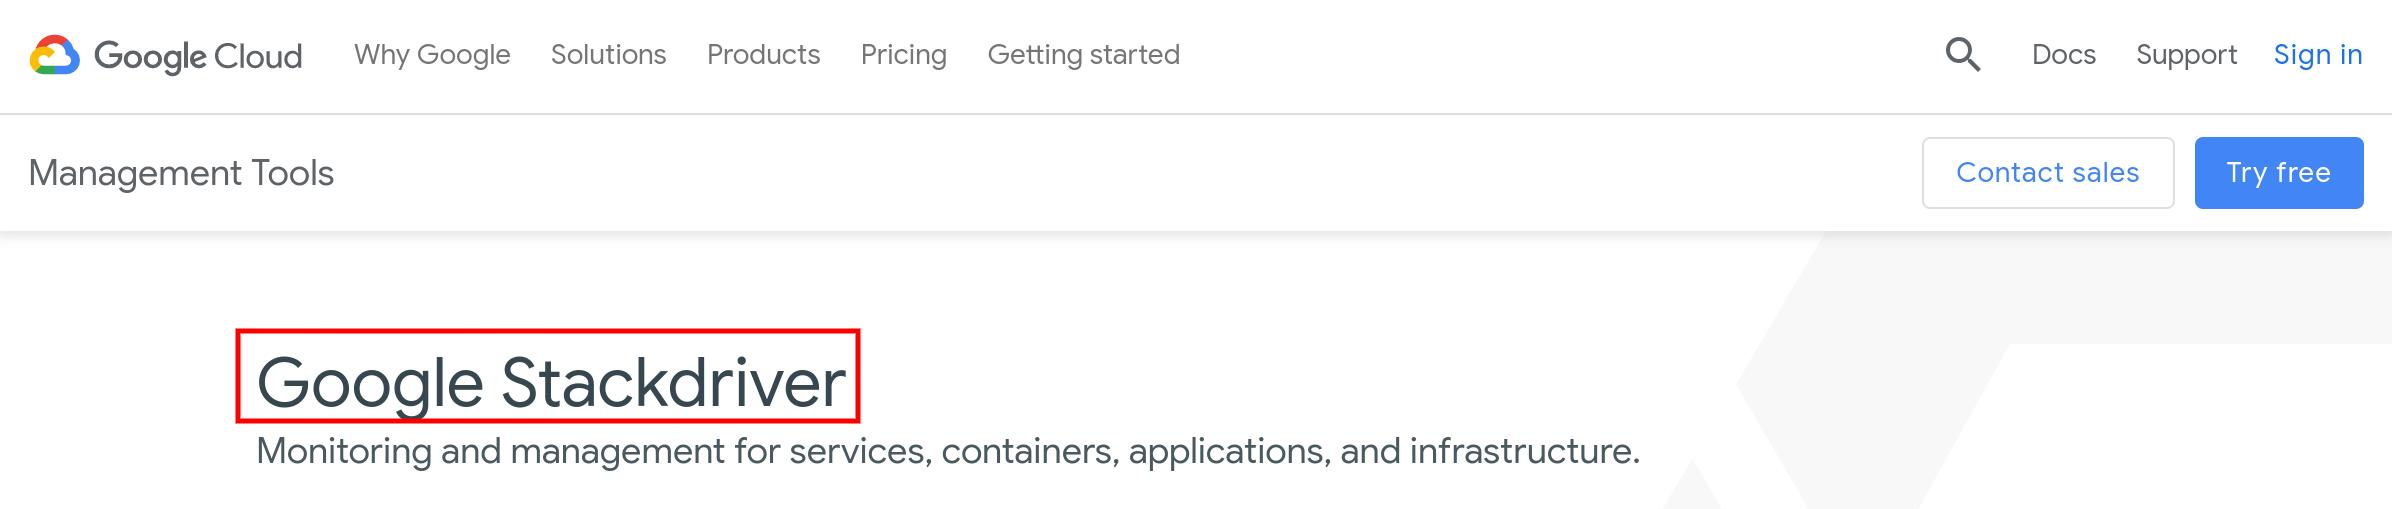 Google Cloud Stackdriver